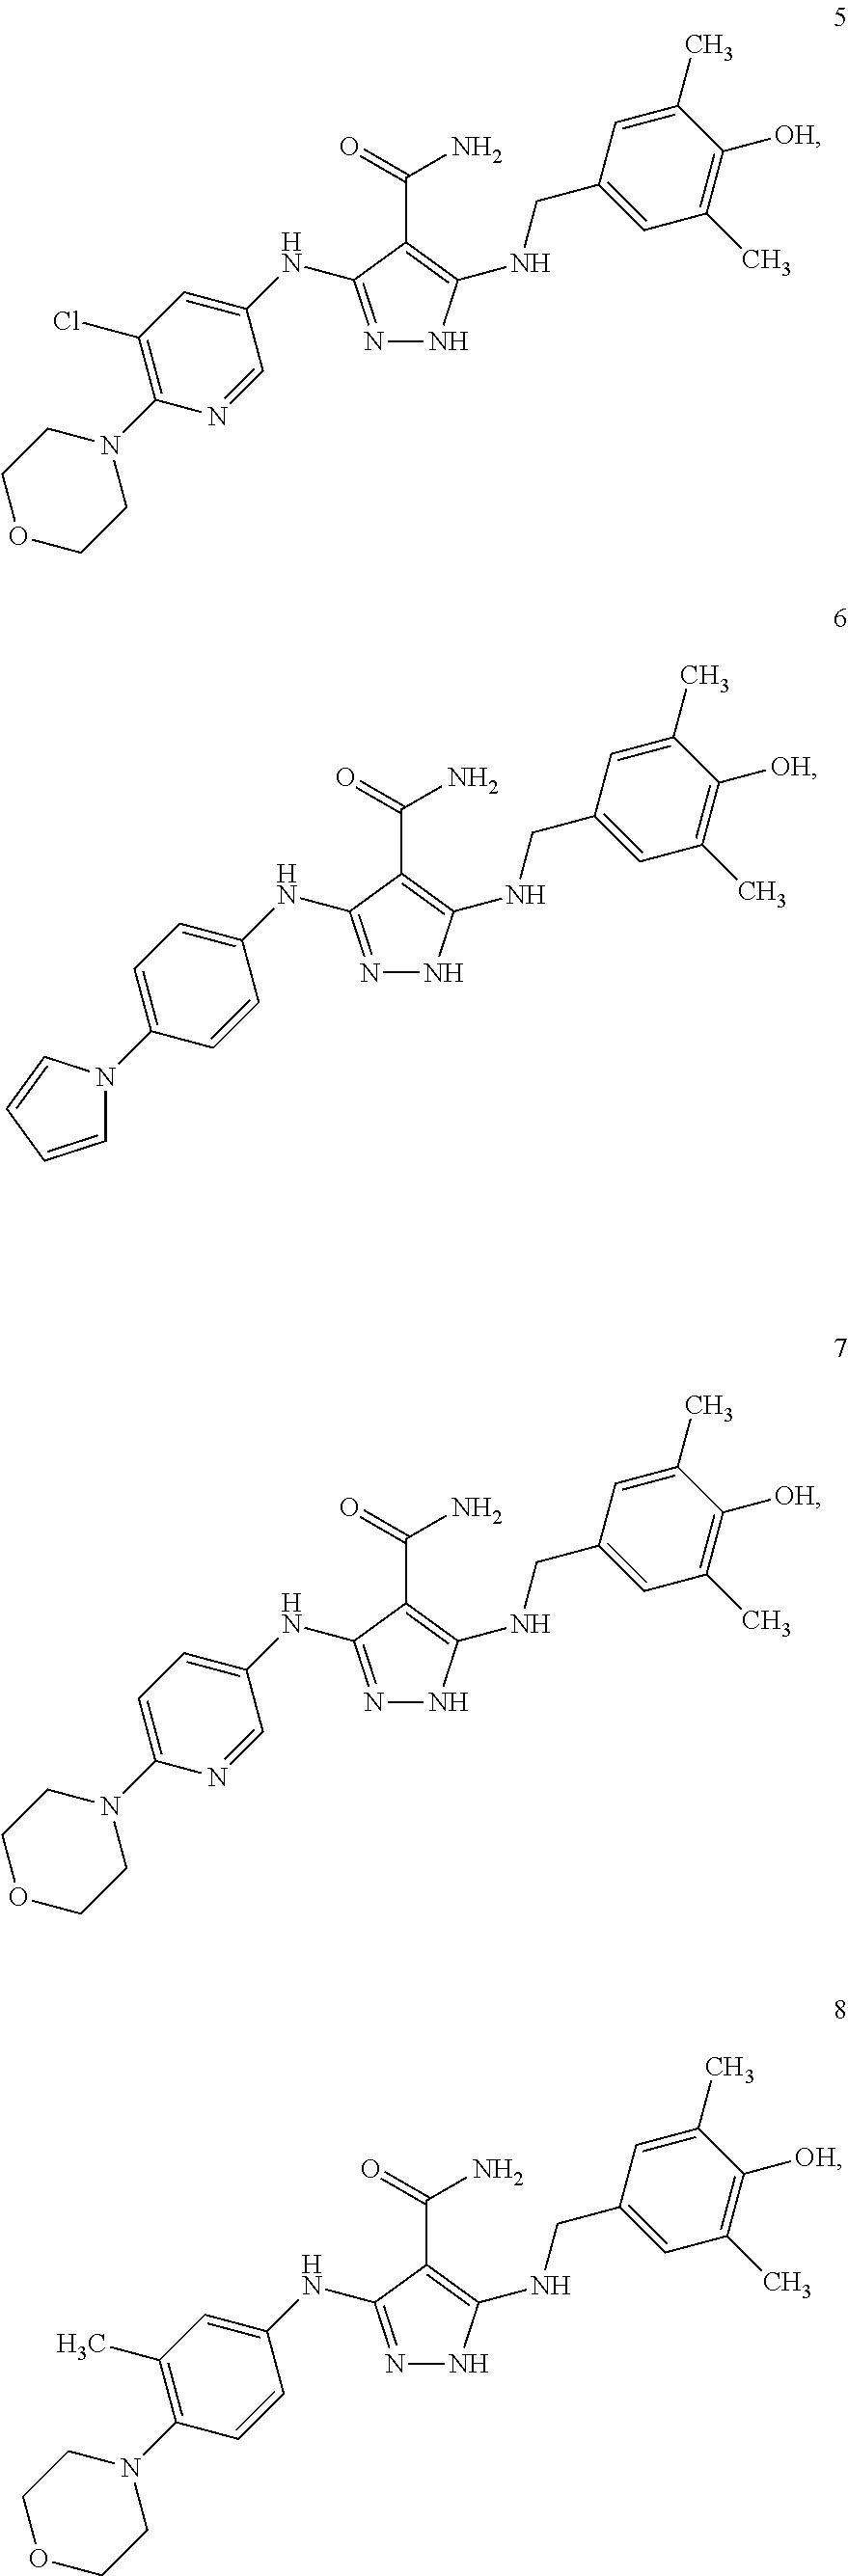 Figure US09730914-20170815-C00015